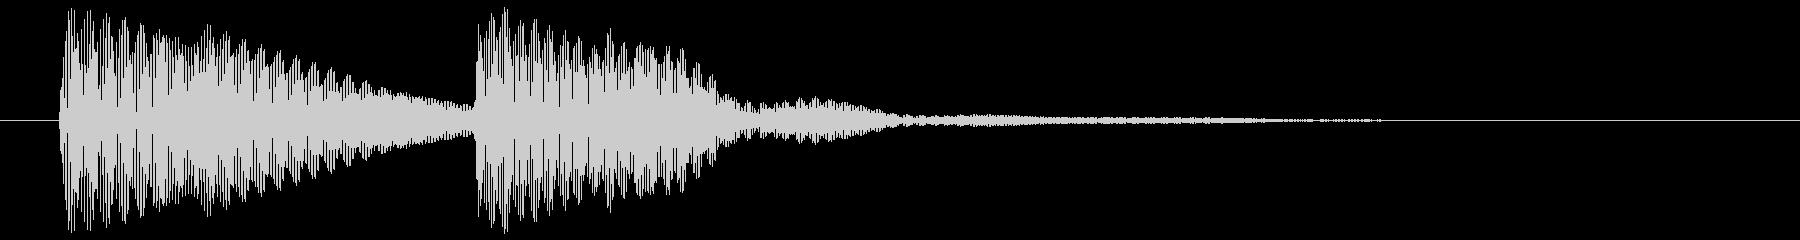 ポコン 高 (ボタン、スタート音)の未再生の波形